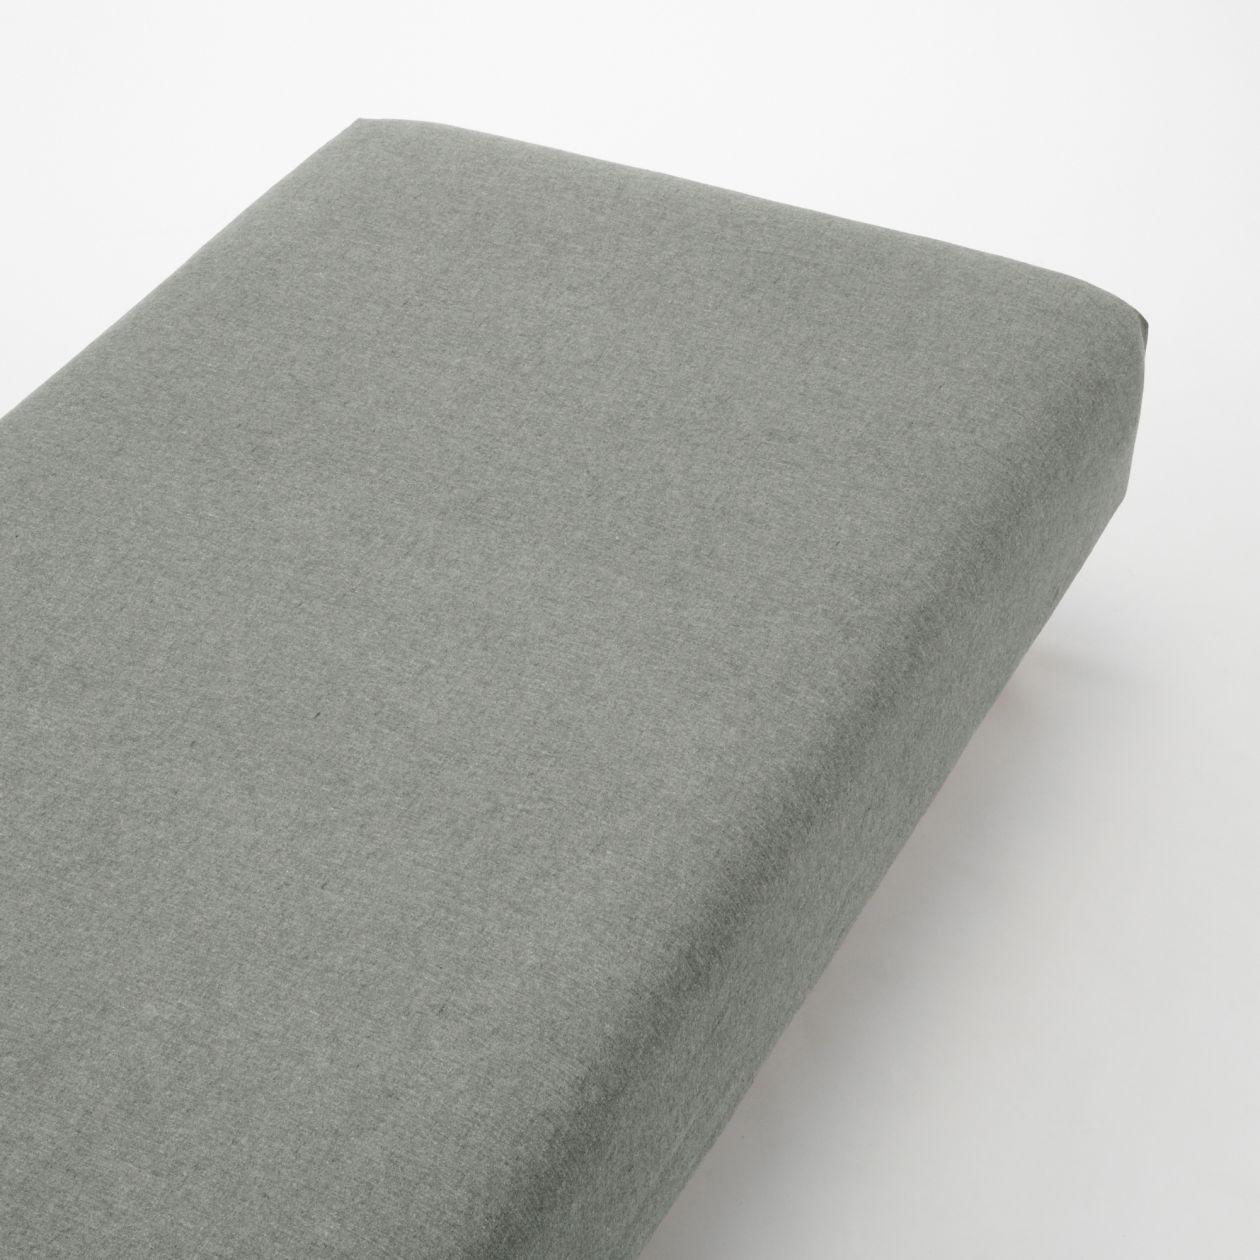 綿フランネルボックスシーツ・D/杢ブラウン